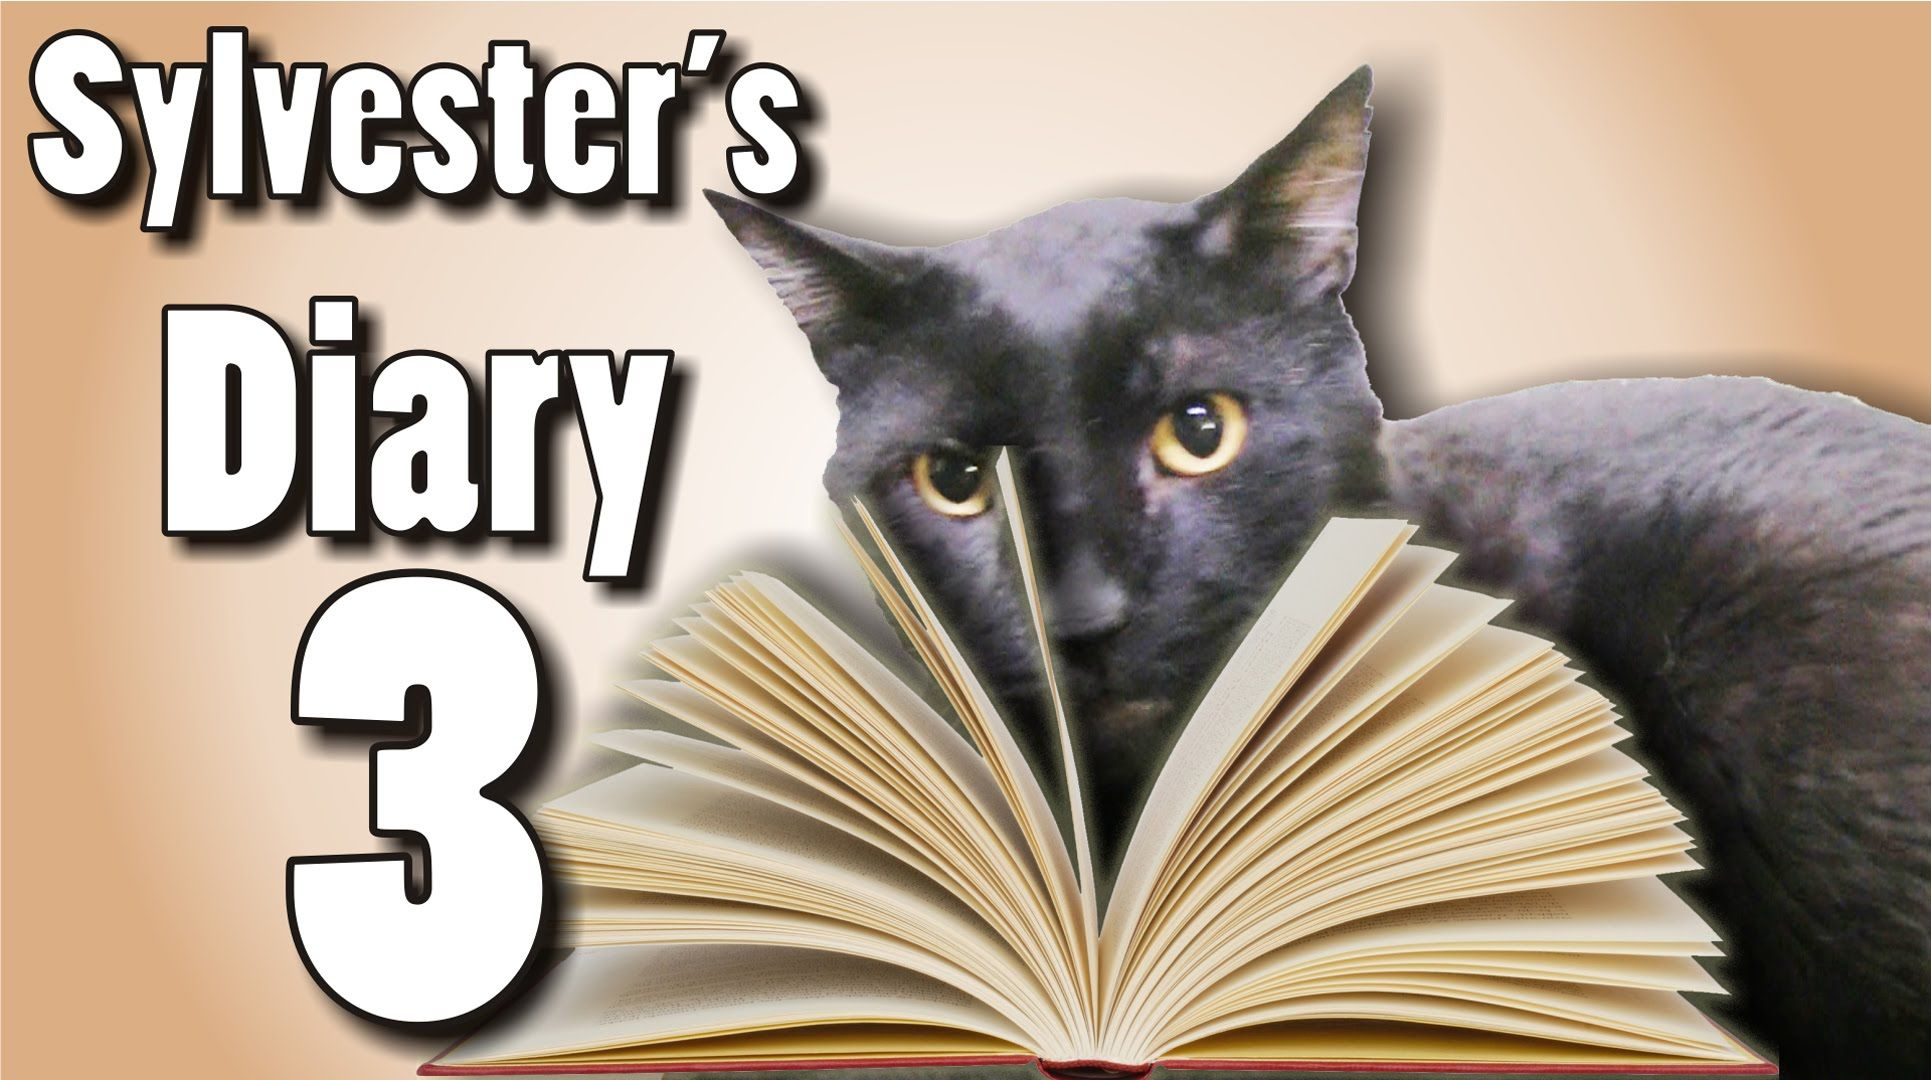 Sylvester's Diary 3 Talking Kitty Cat Cat diary, Cat